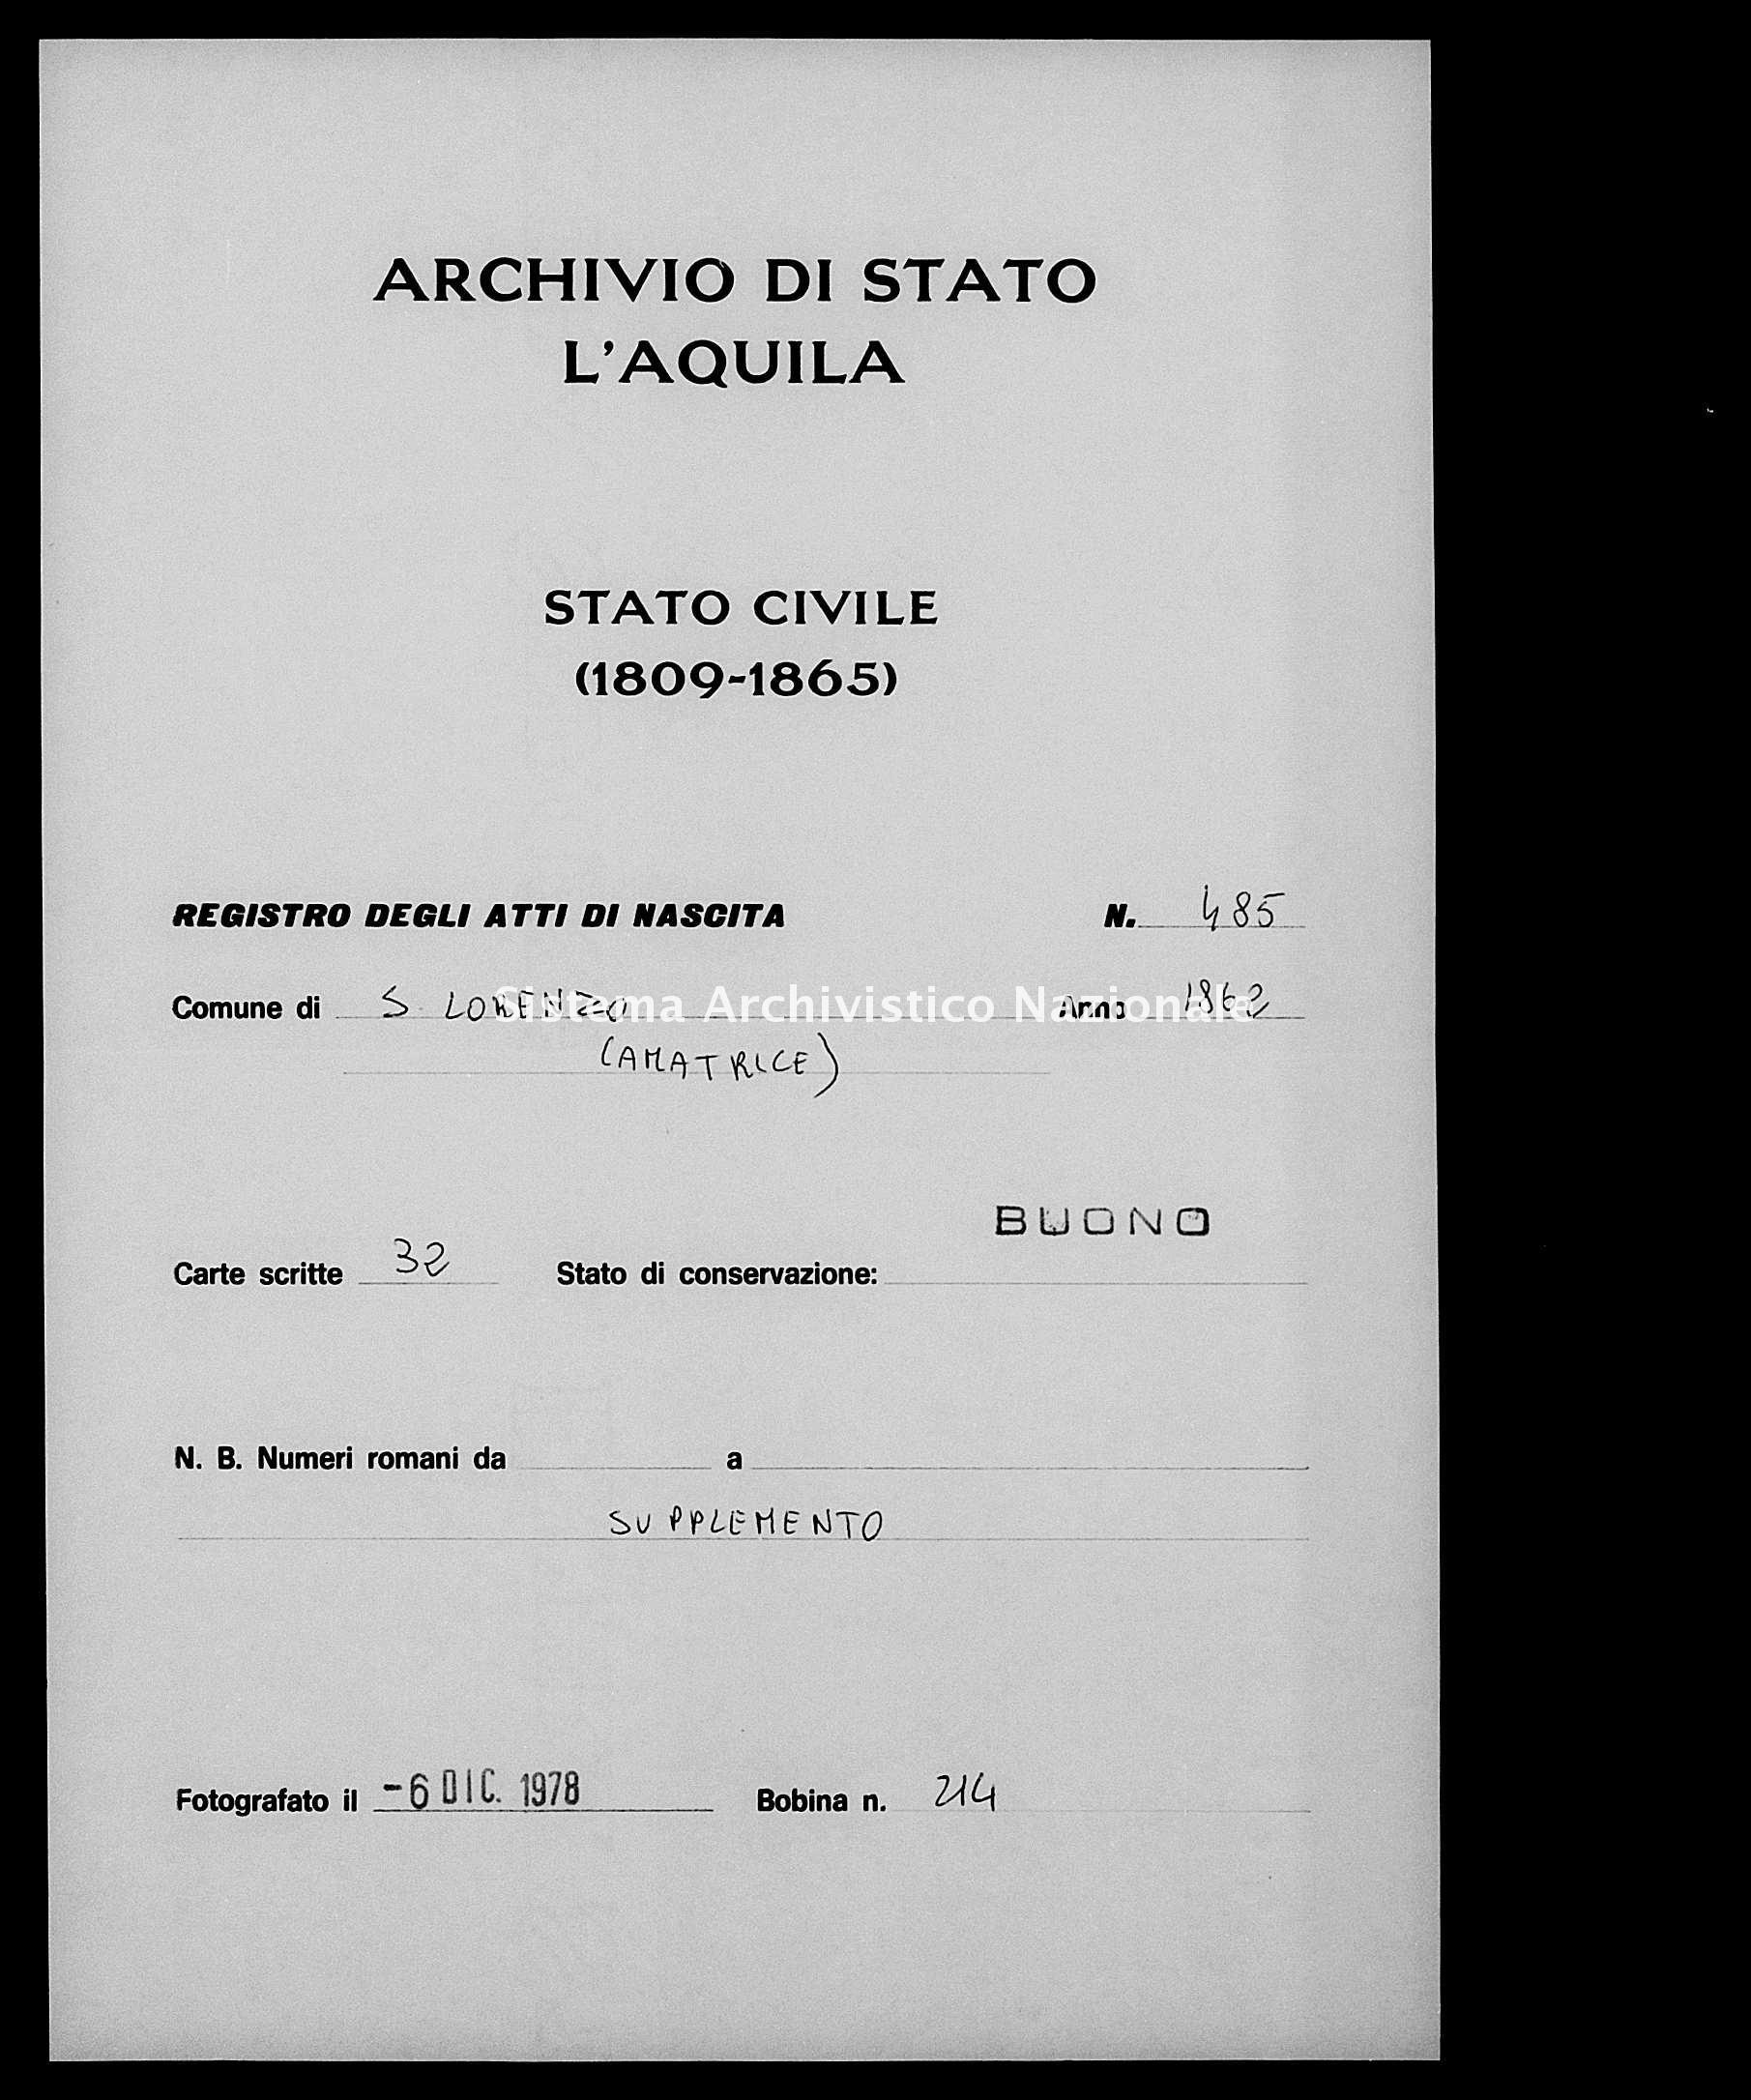 Archivio di stato di L'aquila - Stato civile italiano - San Lorenzo - Nati, battesimi - 1862 - 485 -